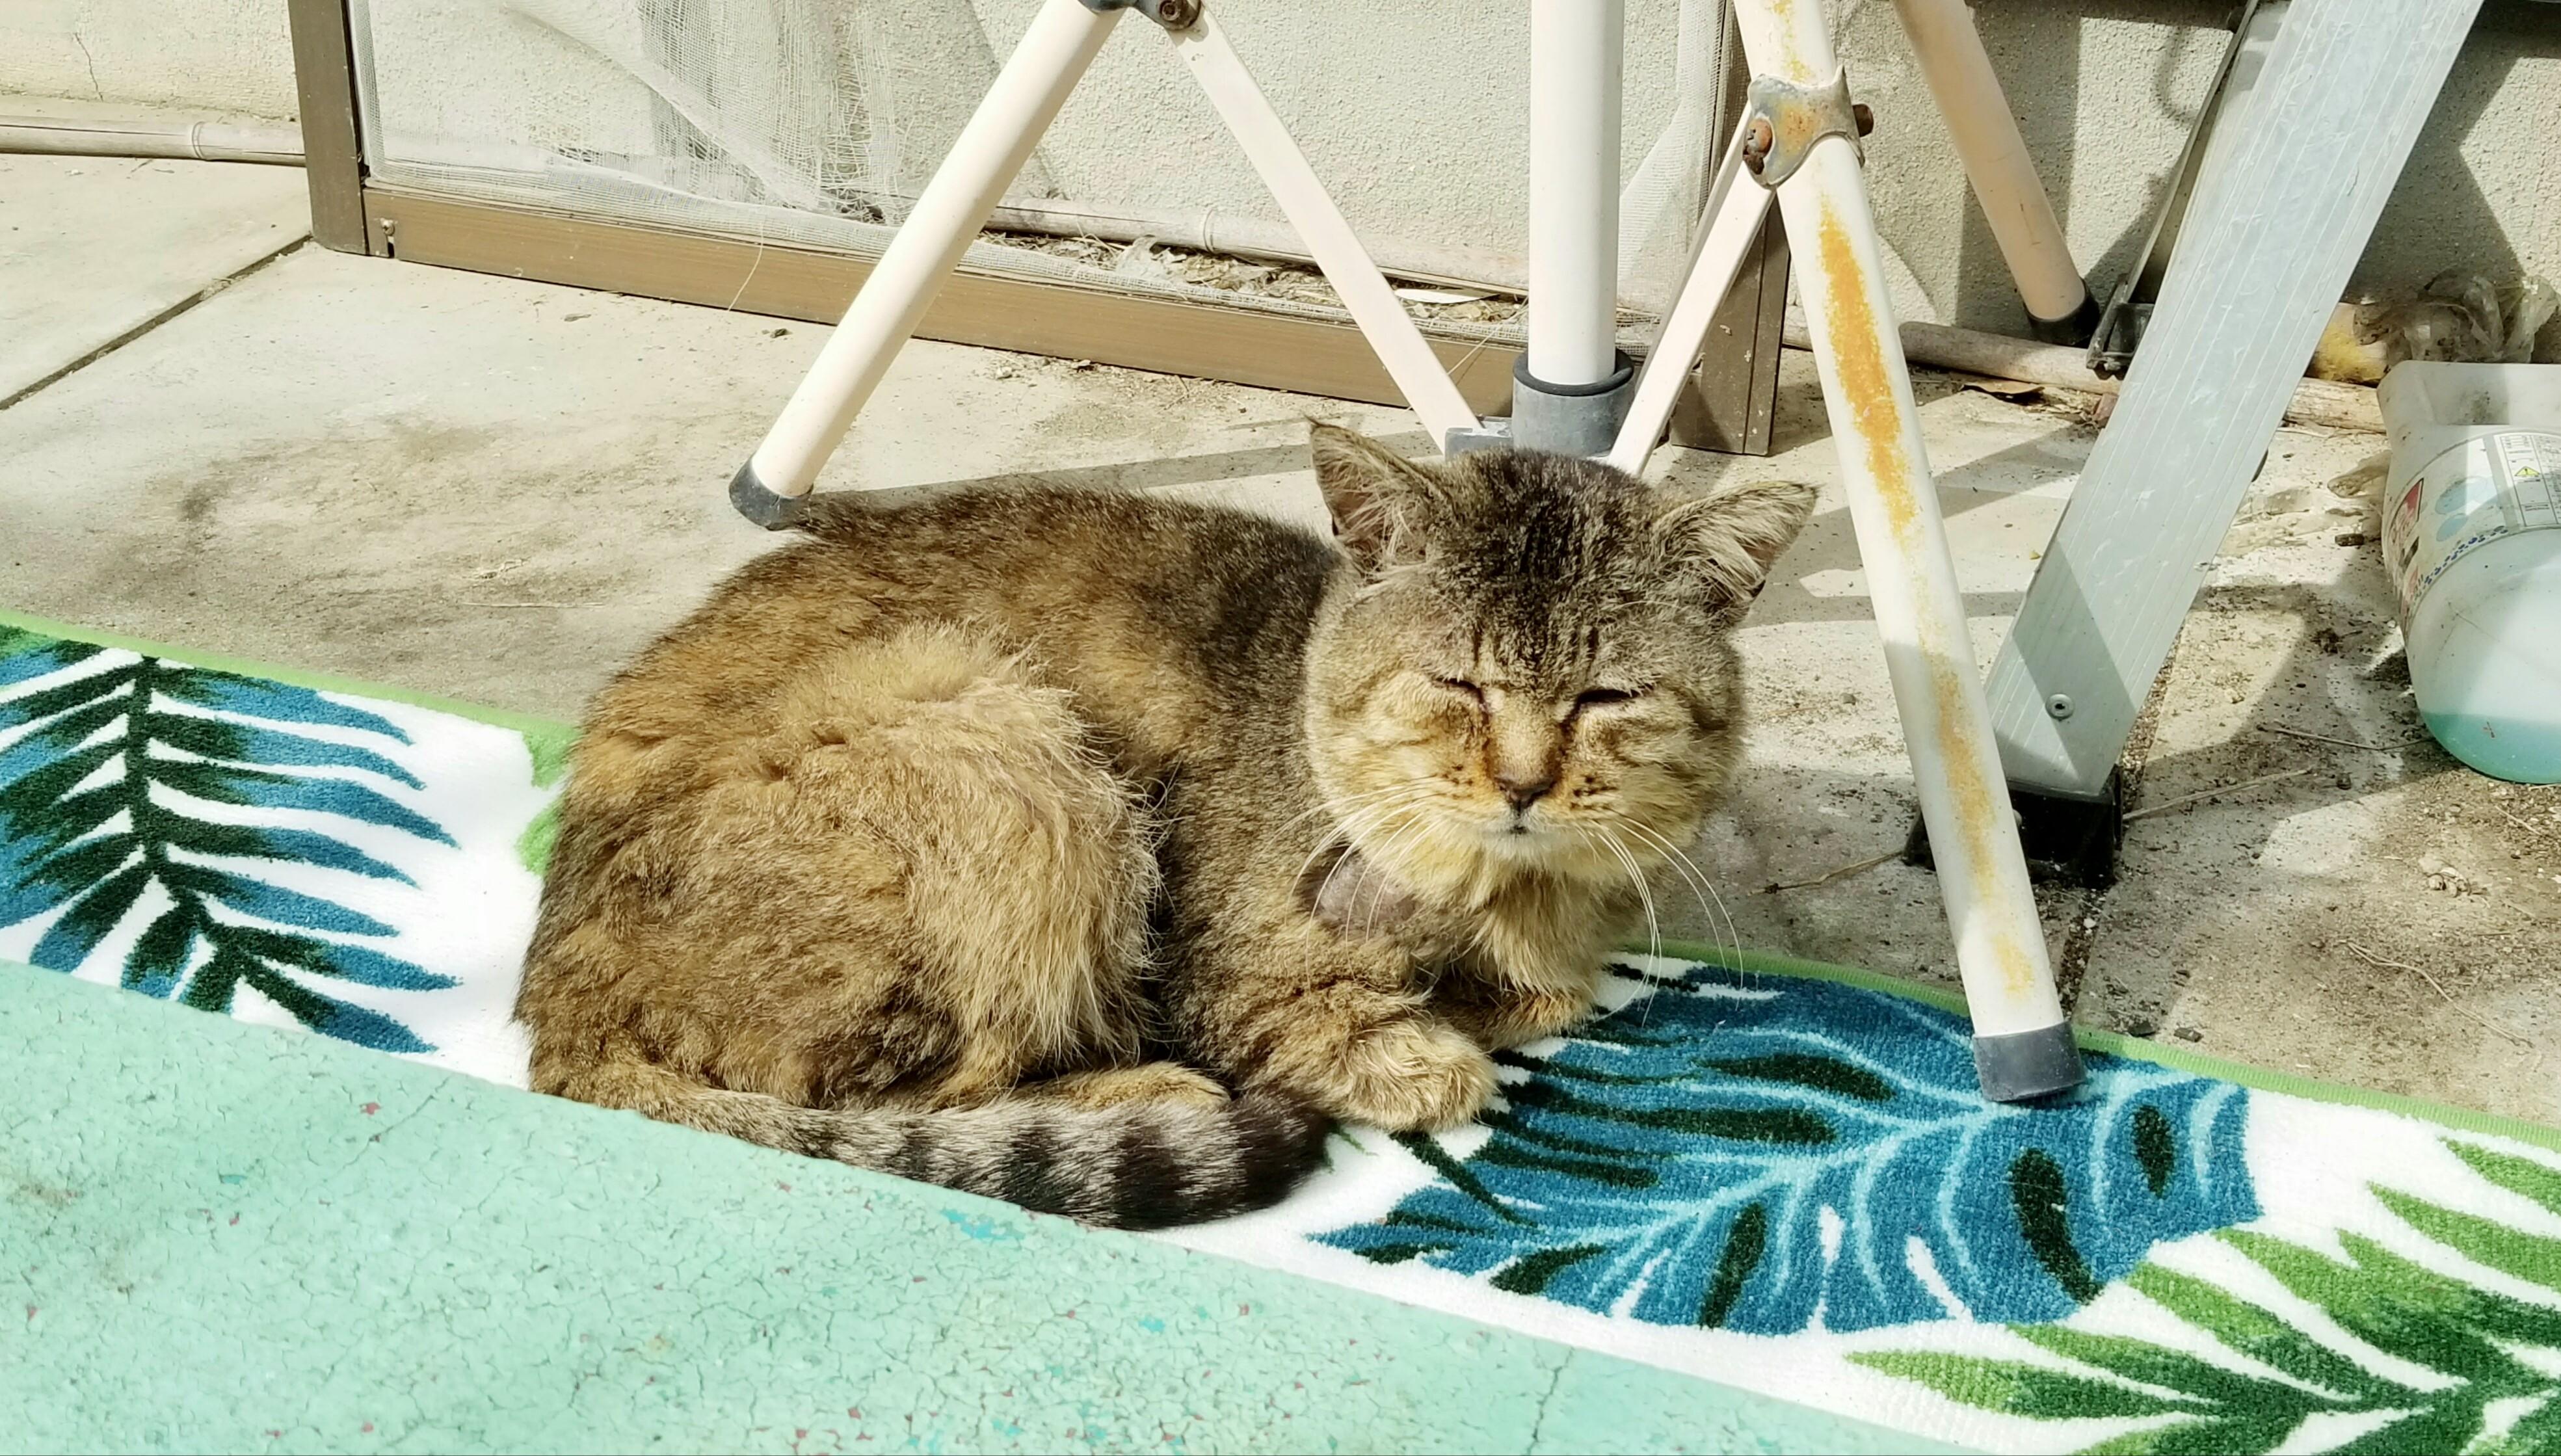 野良猫がなつくまで日常生活観察ブログにゃんラブかわいい画像写真